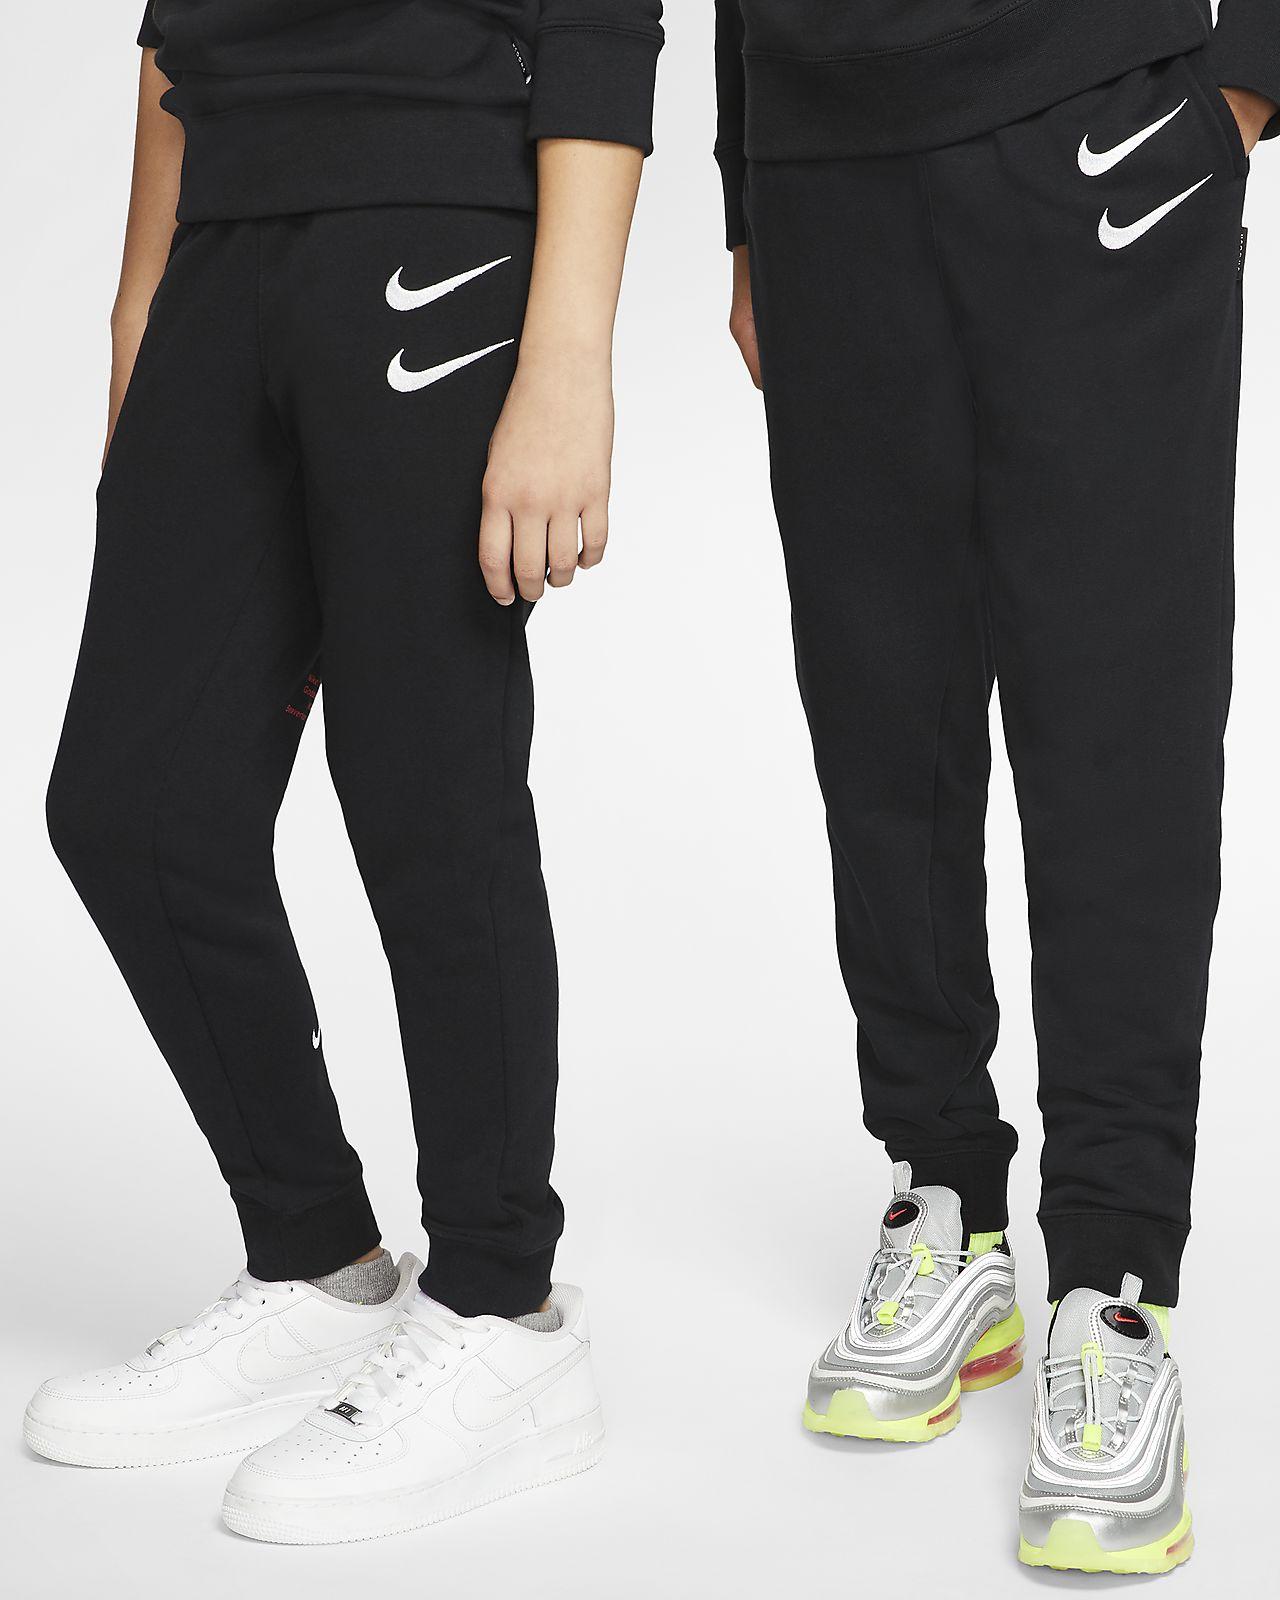 Nike Sportswear Swoosh Genç Çocuk Eşofman Altı